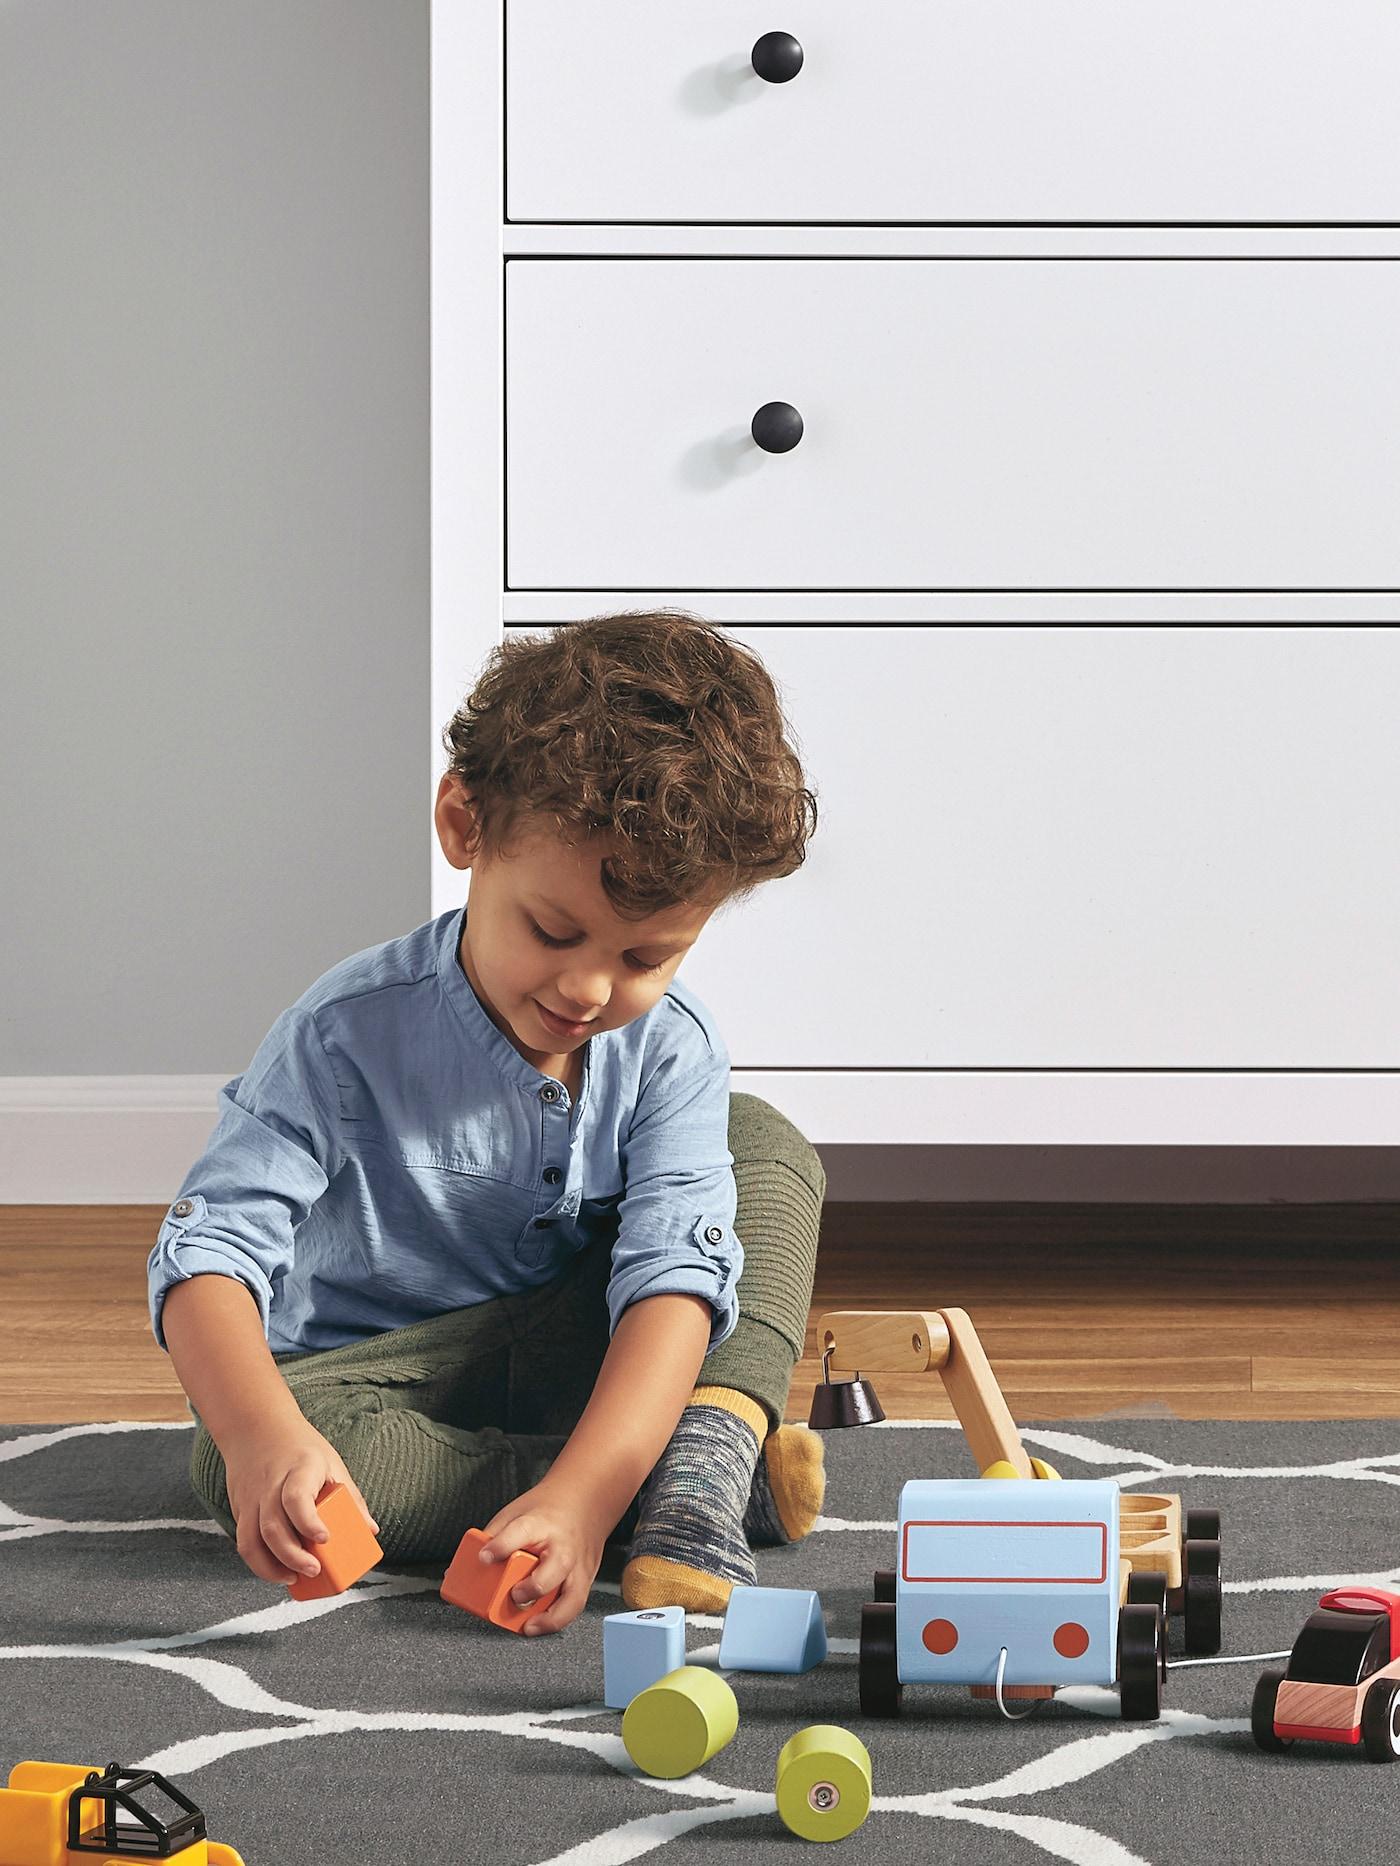 一个身穿蓝色上衣的孩子坐在灰白相间的地毯上玩木制玩具,后面放着白色的HEMNES 汉尼斯 抽屉柜。